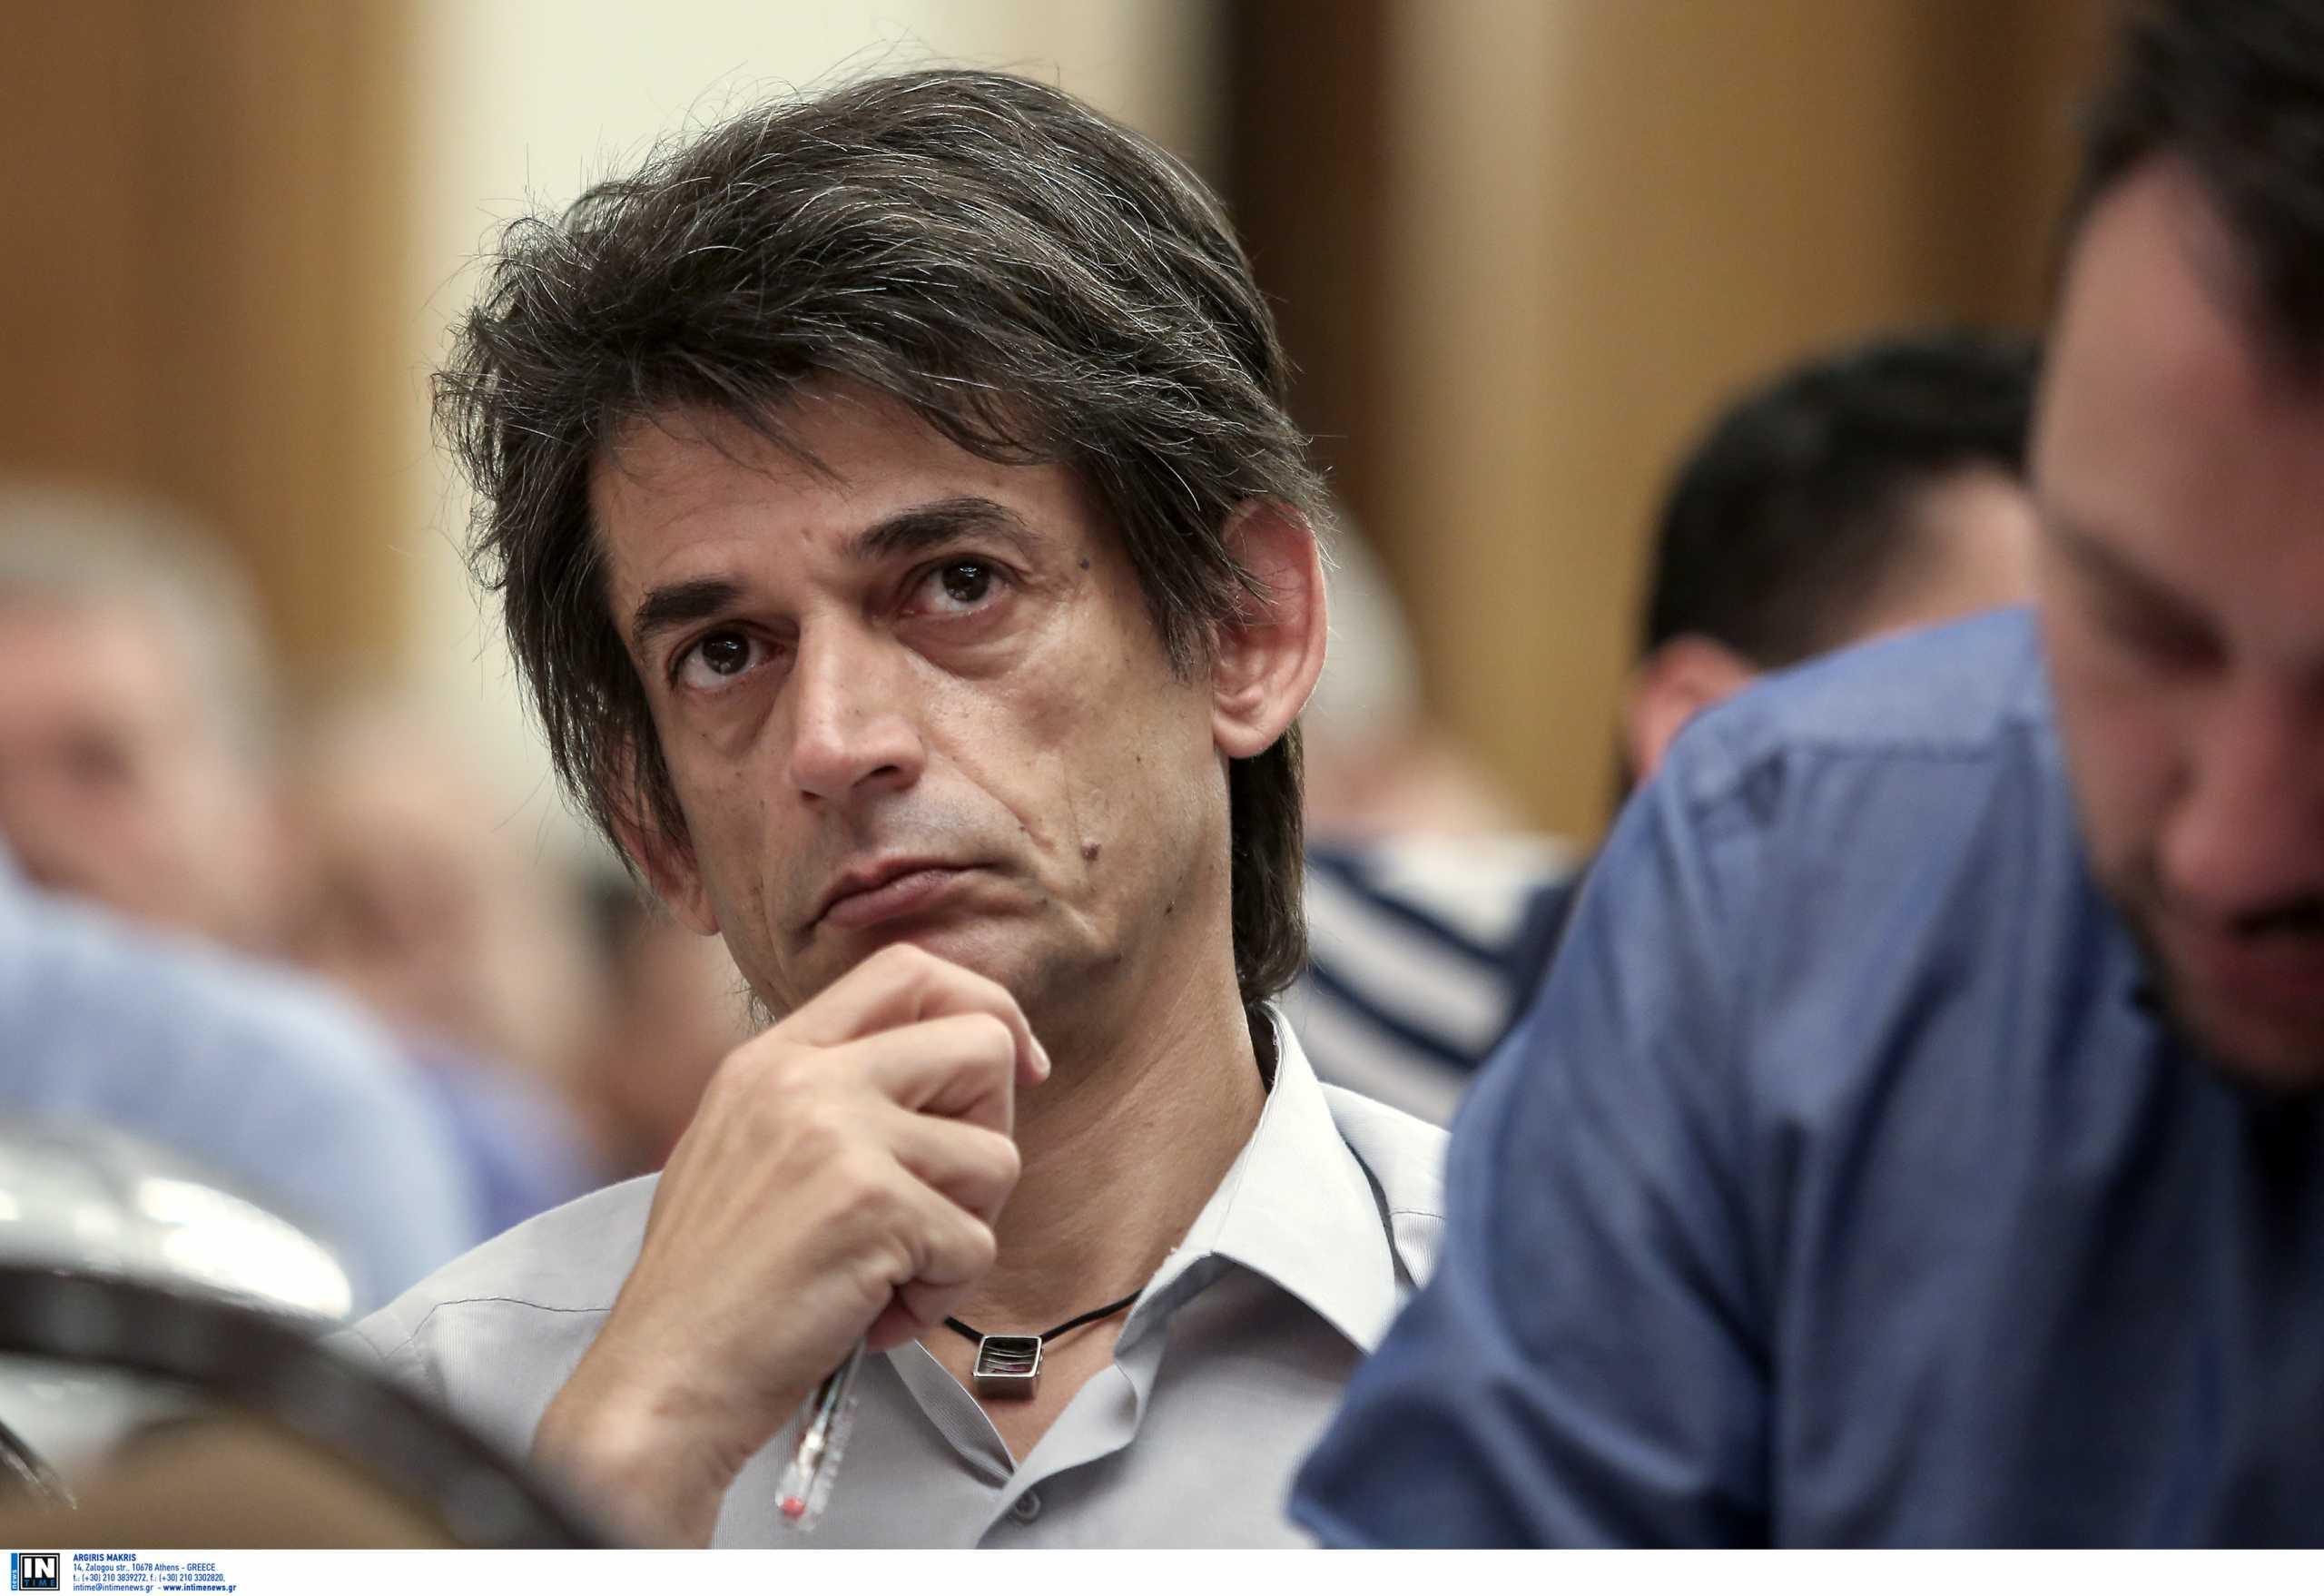 Νίκος Καρανίκας: Ο ηγέτης Τσίπρας, το μνημόνιο που σκίστηκε, ο Άδωνις και η κάνναβη